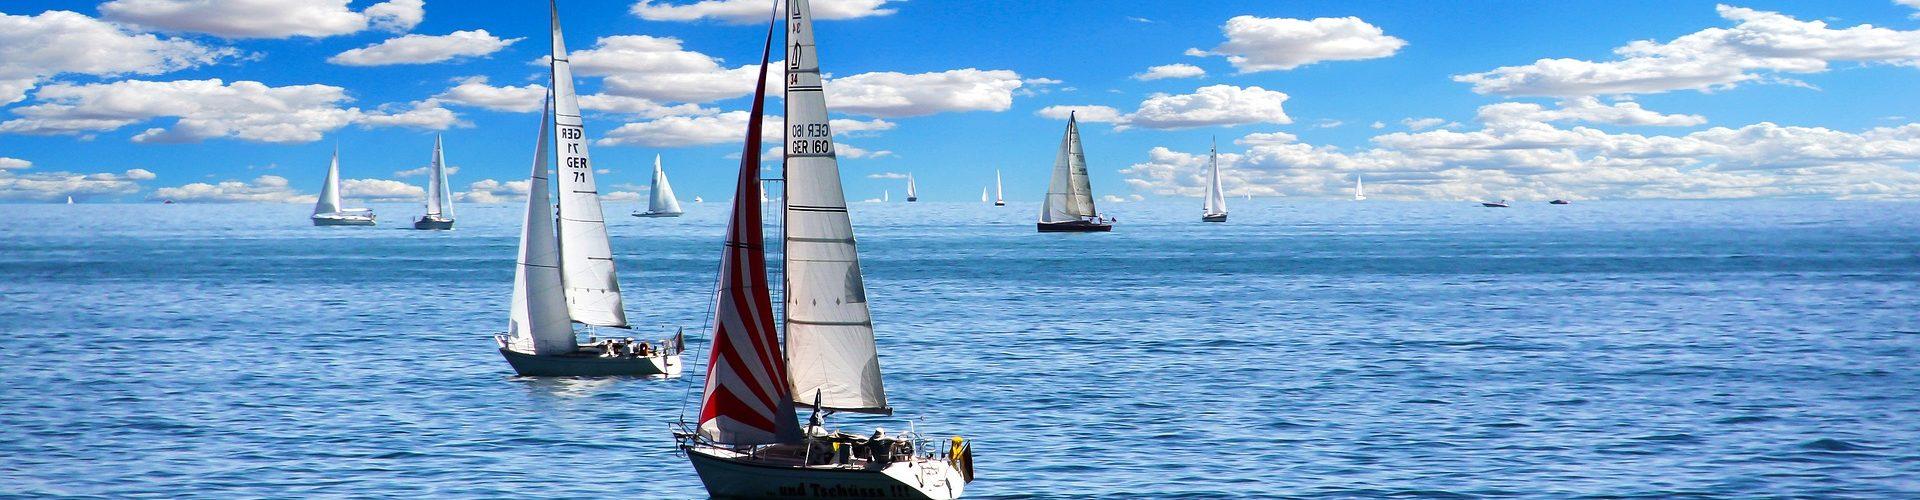 segeln lernen in Gemünden am Main segelschein machen in Gemünden am Main 1920x500 - Segeln lernen in Gemünden am Main